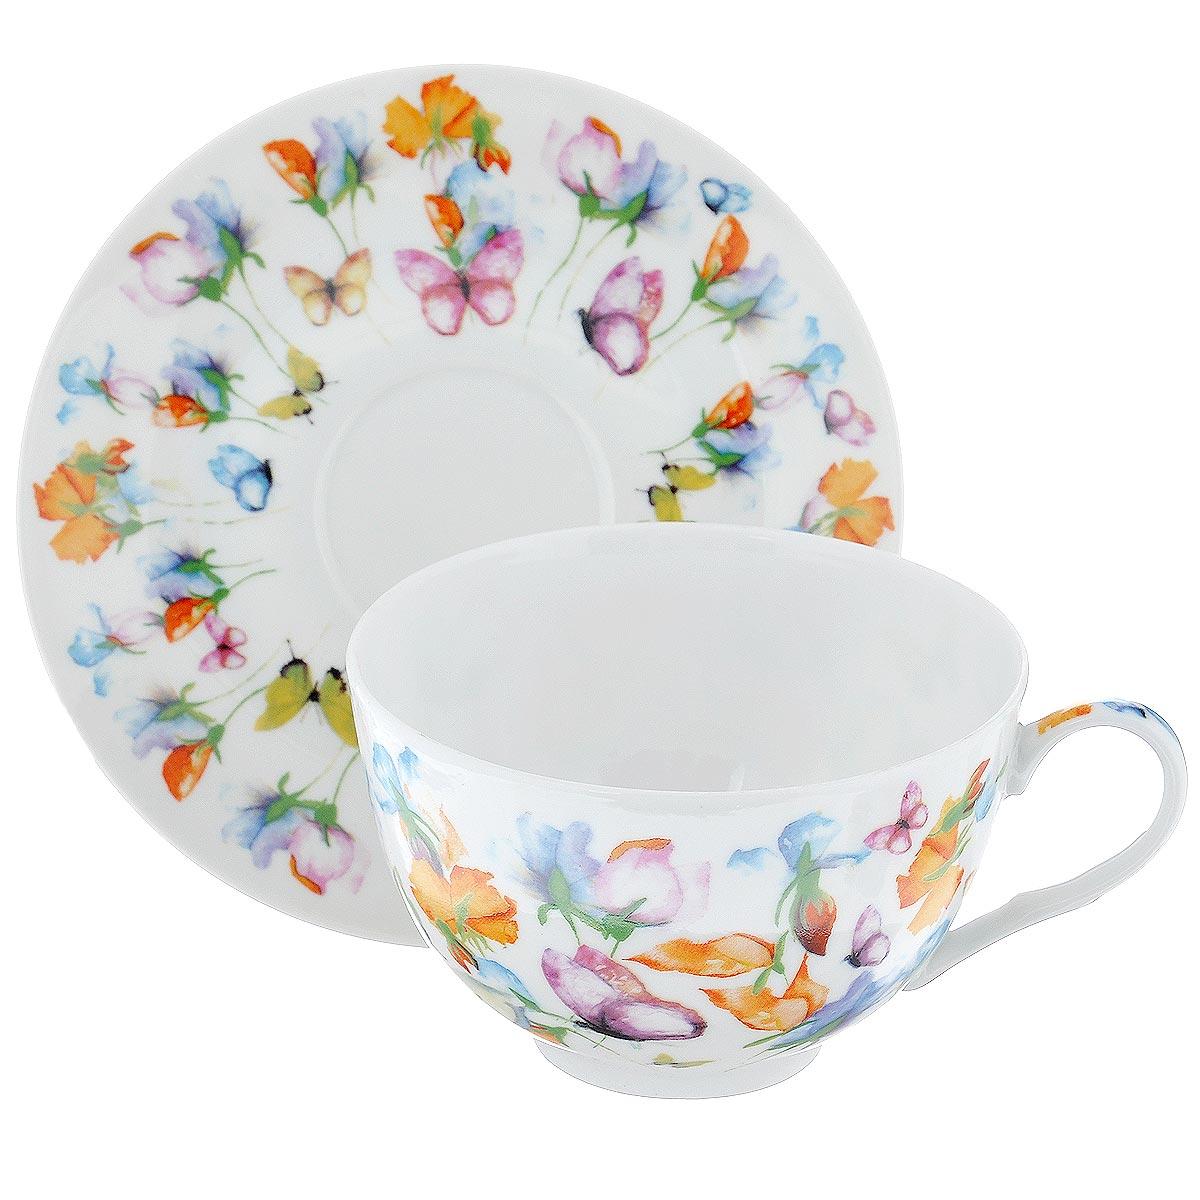 Набор подарочный чайный GiftnHome Цветы, 2 предметаCS-280 ЦветыПодарочный набор GiftnHome Цветы состоит из чашки и блюдца. Изделия выполнены из тонкого фарфора, оформленного красочным изображением цветов и бабочек. Такой набор станет изящным украшение стола к чаепитию. Прекрасный подарок к любому случаю. Набор упакован в подарочную коробку с крышкой, декорированной сиреневой атласной лентой. Можно использовать в посудомоечной машине и СВЧ. Объем чашки: 280 мл. Диаметр чашки (по верхнему краю): 10,5 см. Высота чашки: 6 см. Диаметр блюдца: 14,5 см.